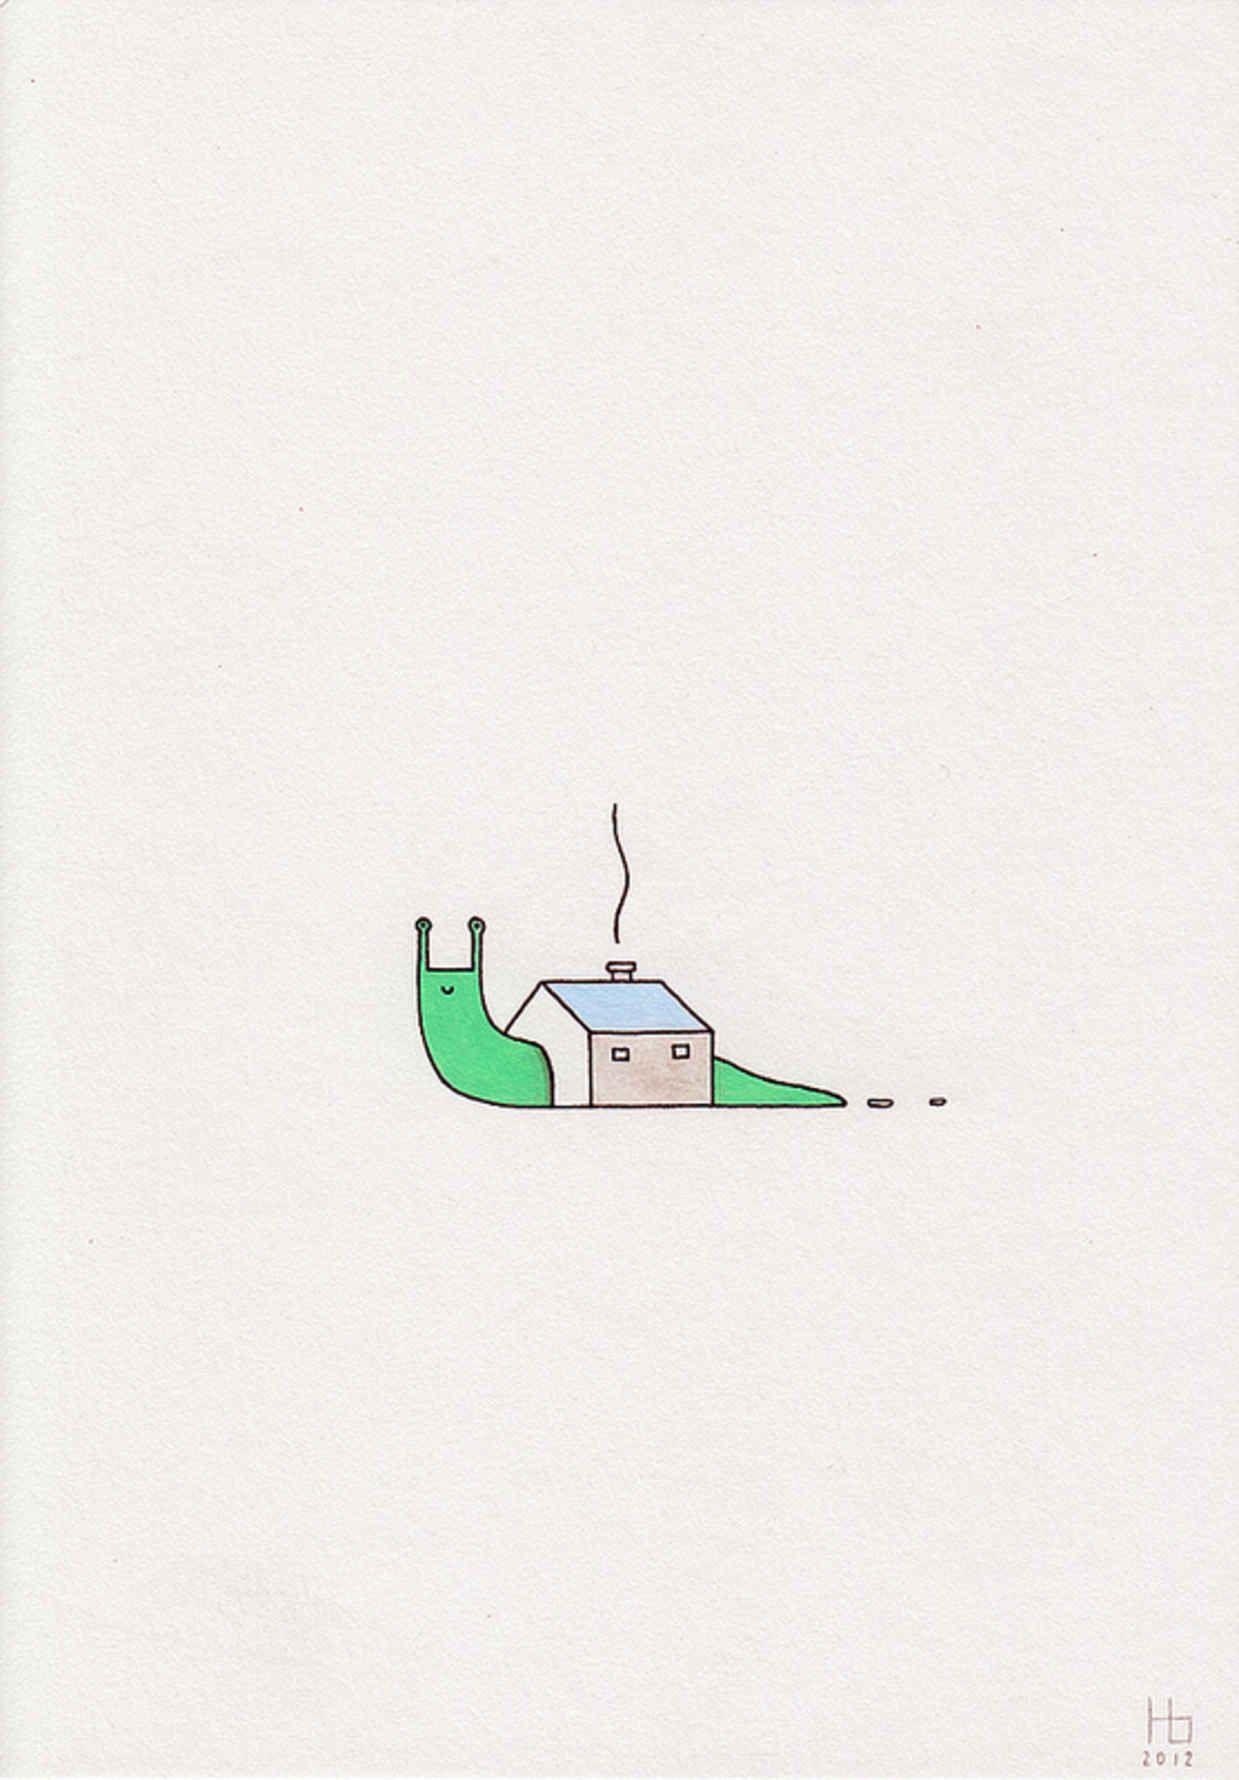 Minimal Illustration Puns by Jaco Haasbroek Minimal